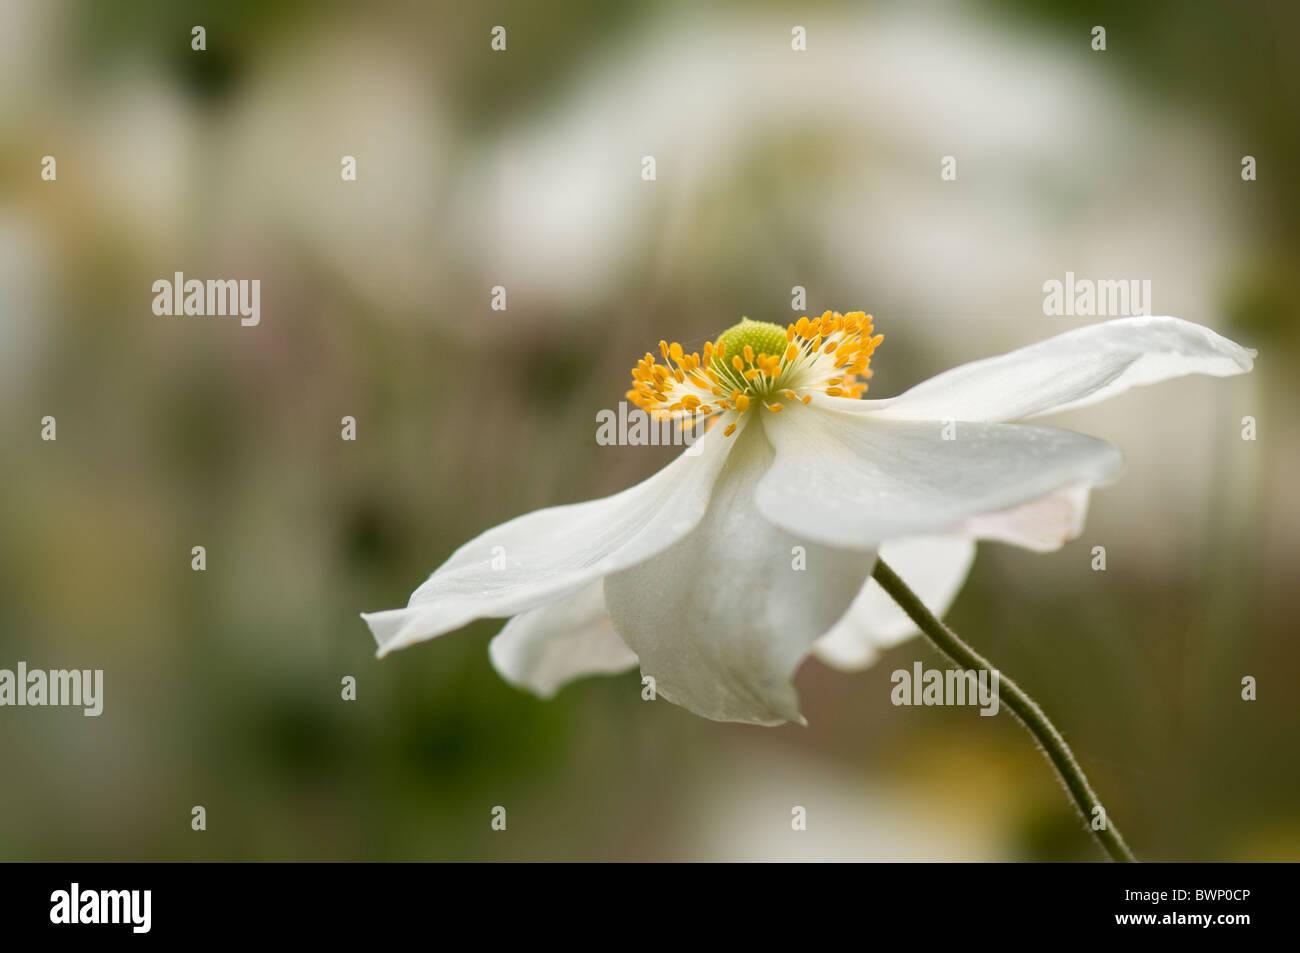 Japanese Anemone White Flower Anemone Honorine Jobert Stock